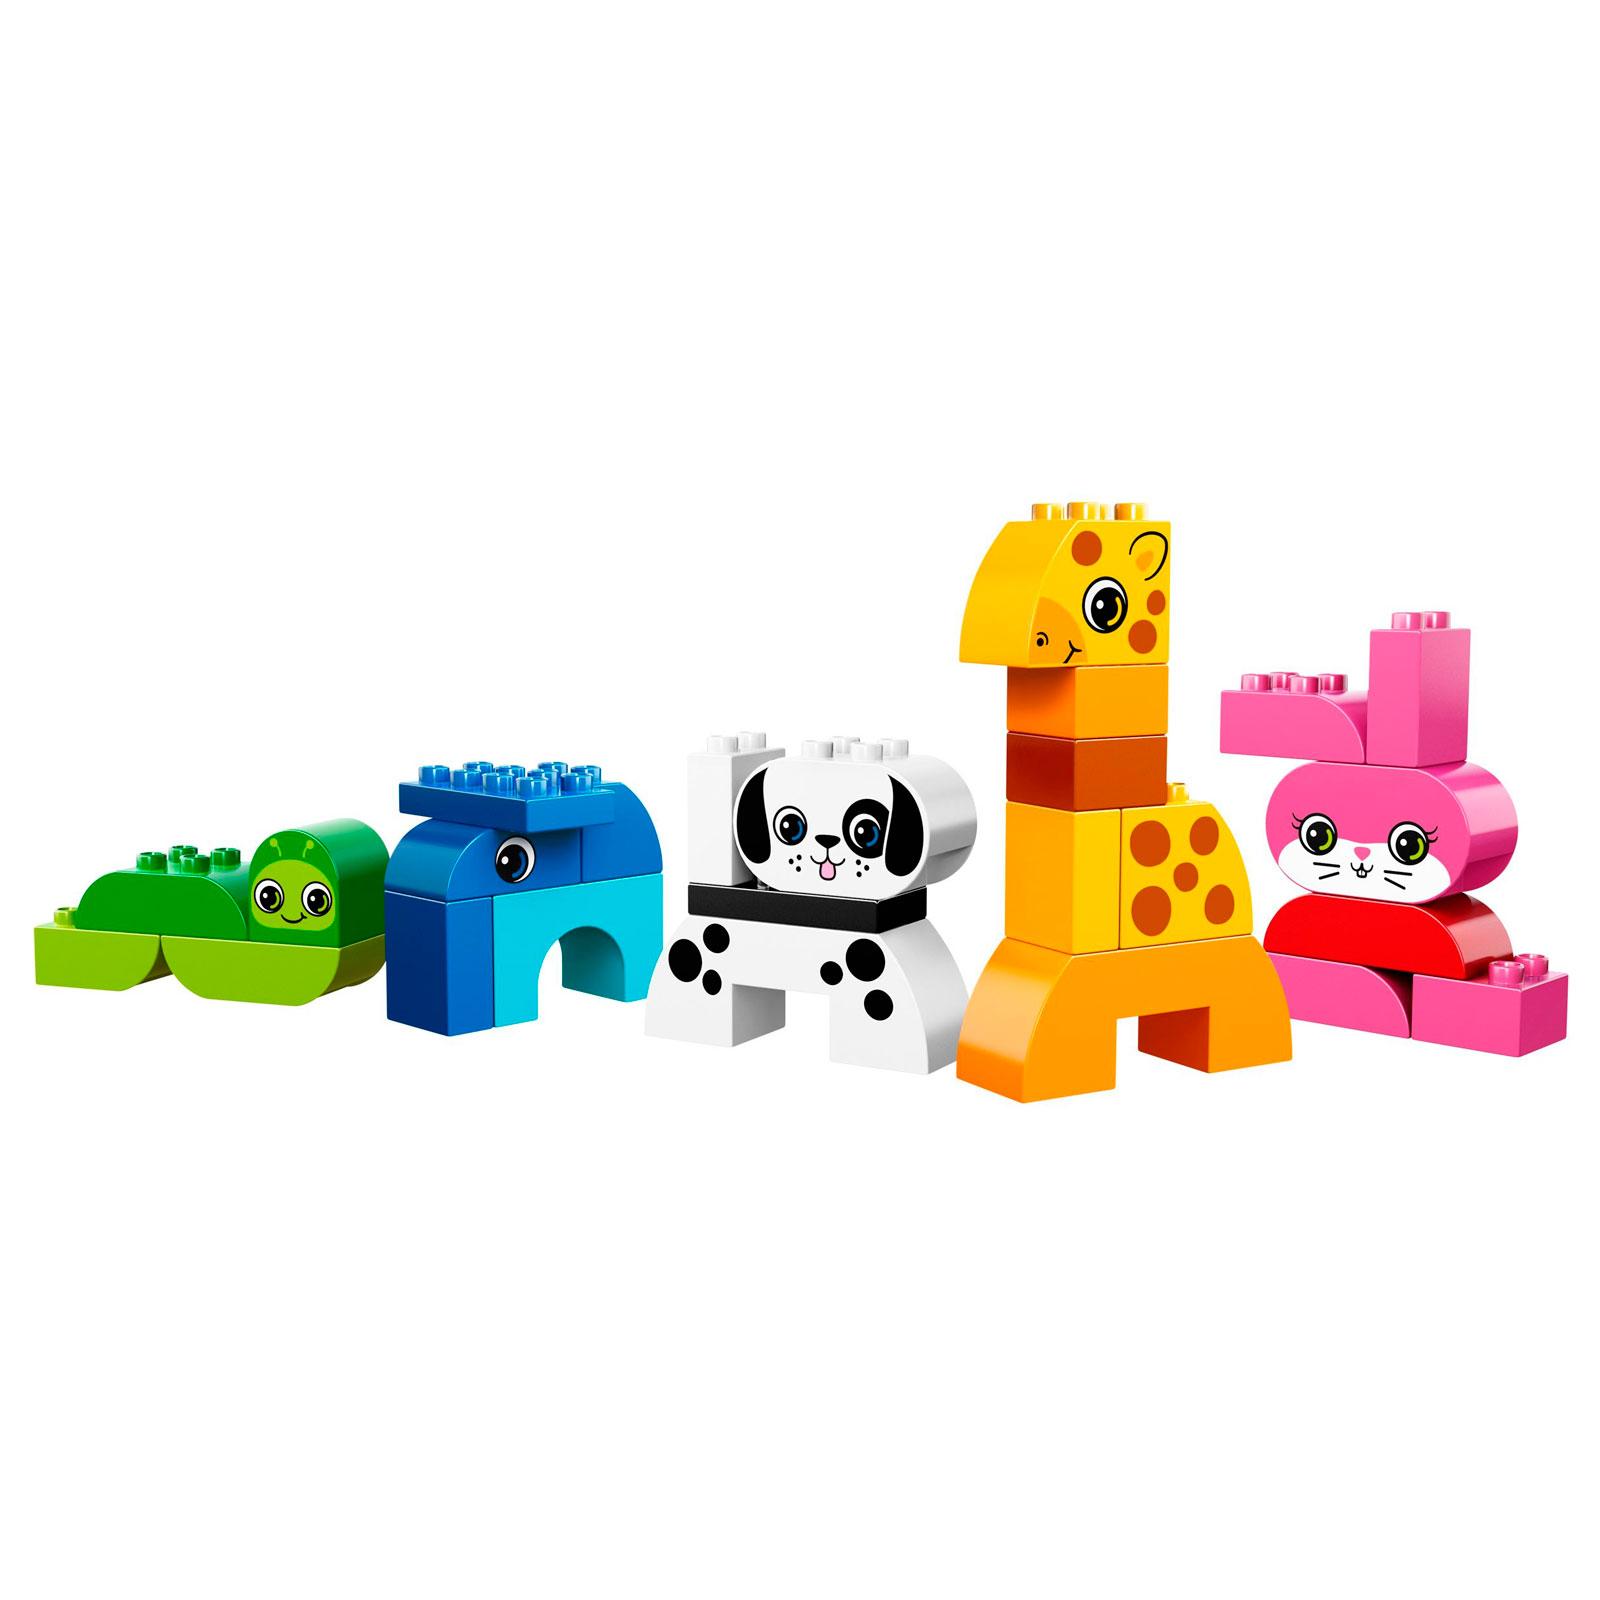 Конструктор LEGO Duplo 10573 Весёлые зверюшки<br>